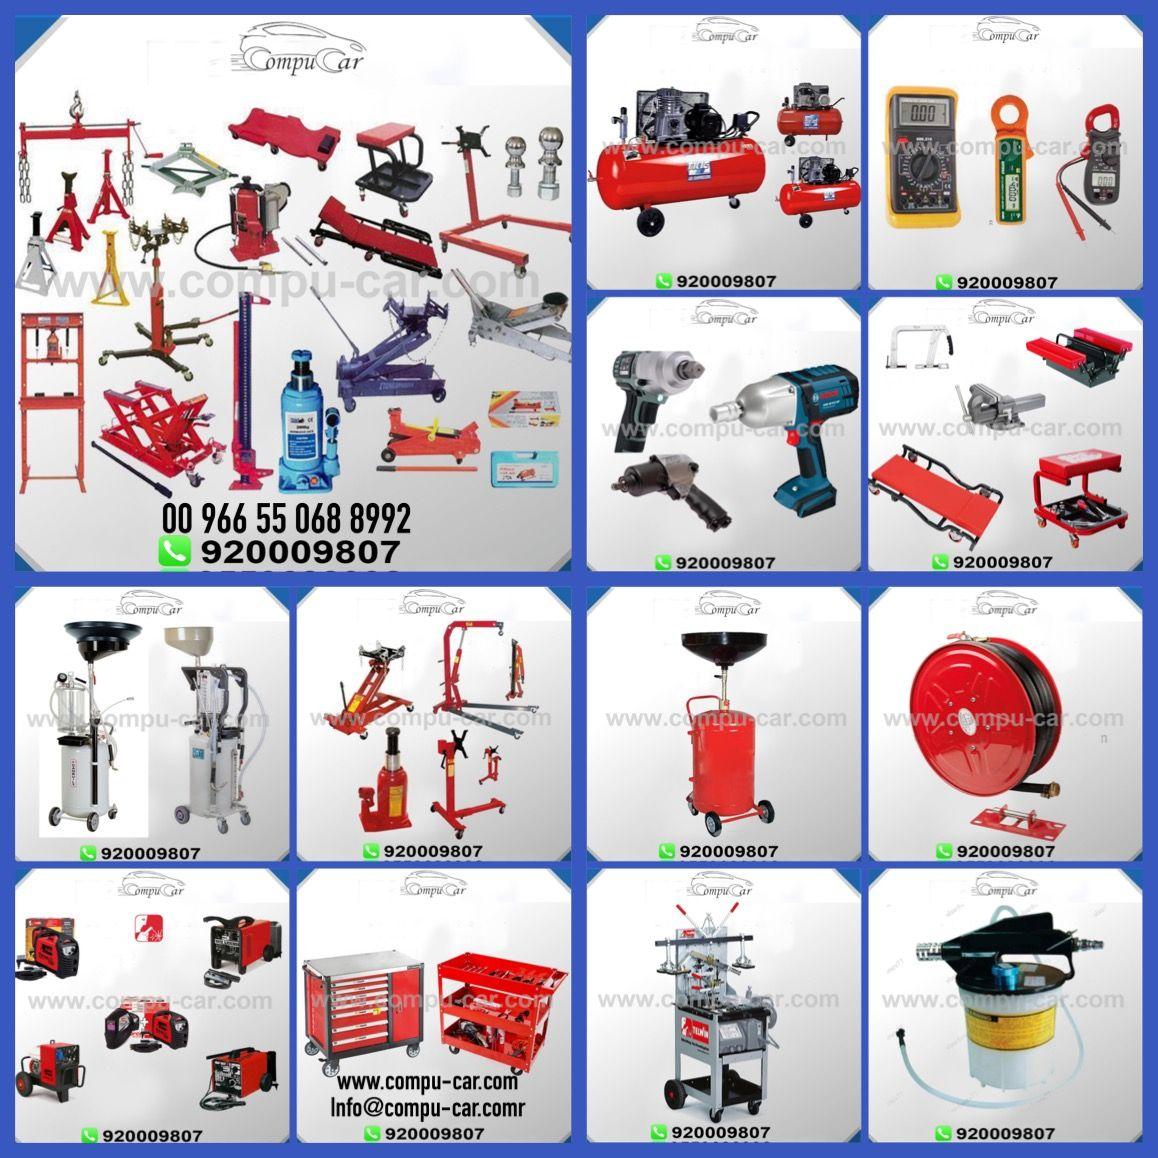 معدات الورش والأدوات الخاصة لإصلاح السيارات جميعها تجدوها لدى كومبيوكار Workshop S Equipment And Special Tools For Repairing Cars All Of Cars Com Car Vehicles